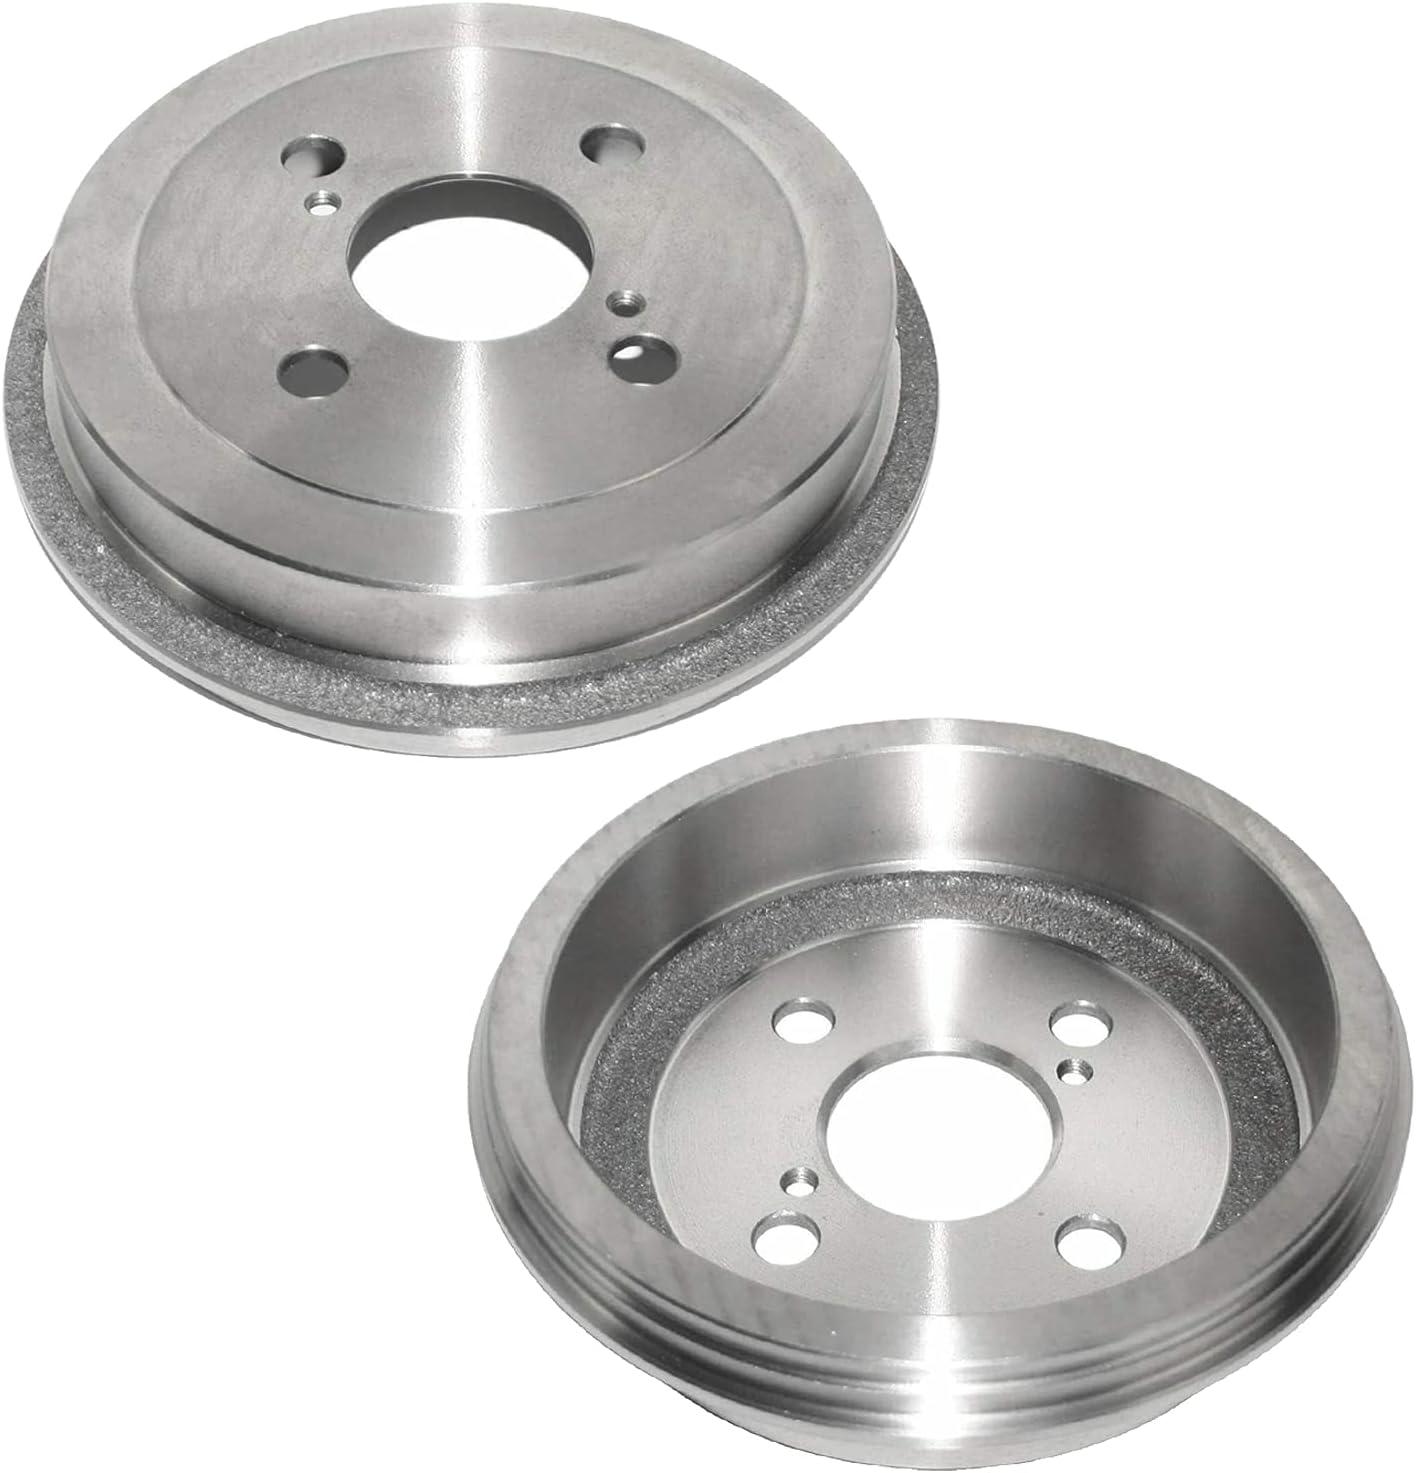 Automotive Drums 255mm Detroit Axle 10.03 Premium REAR Drum Brake ...